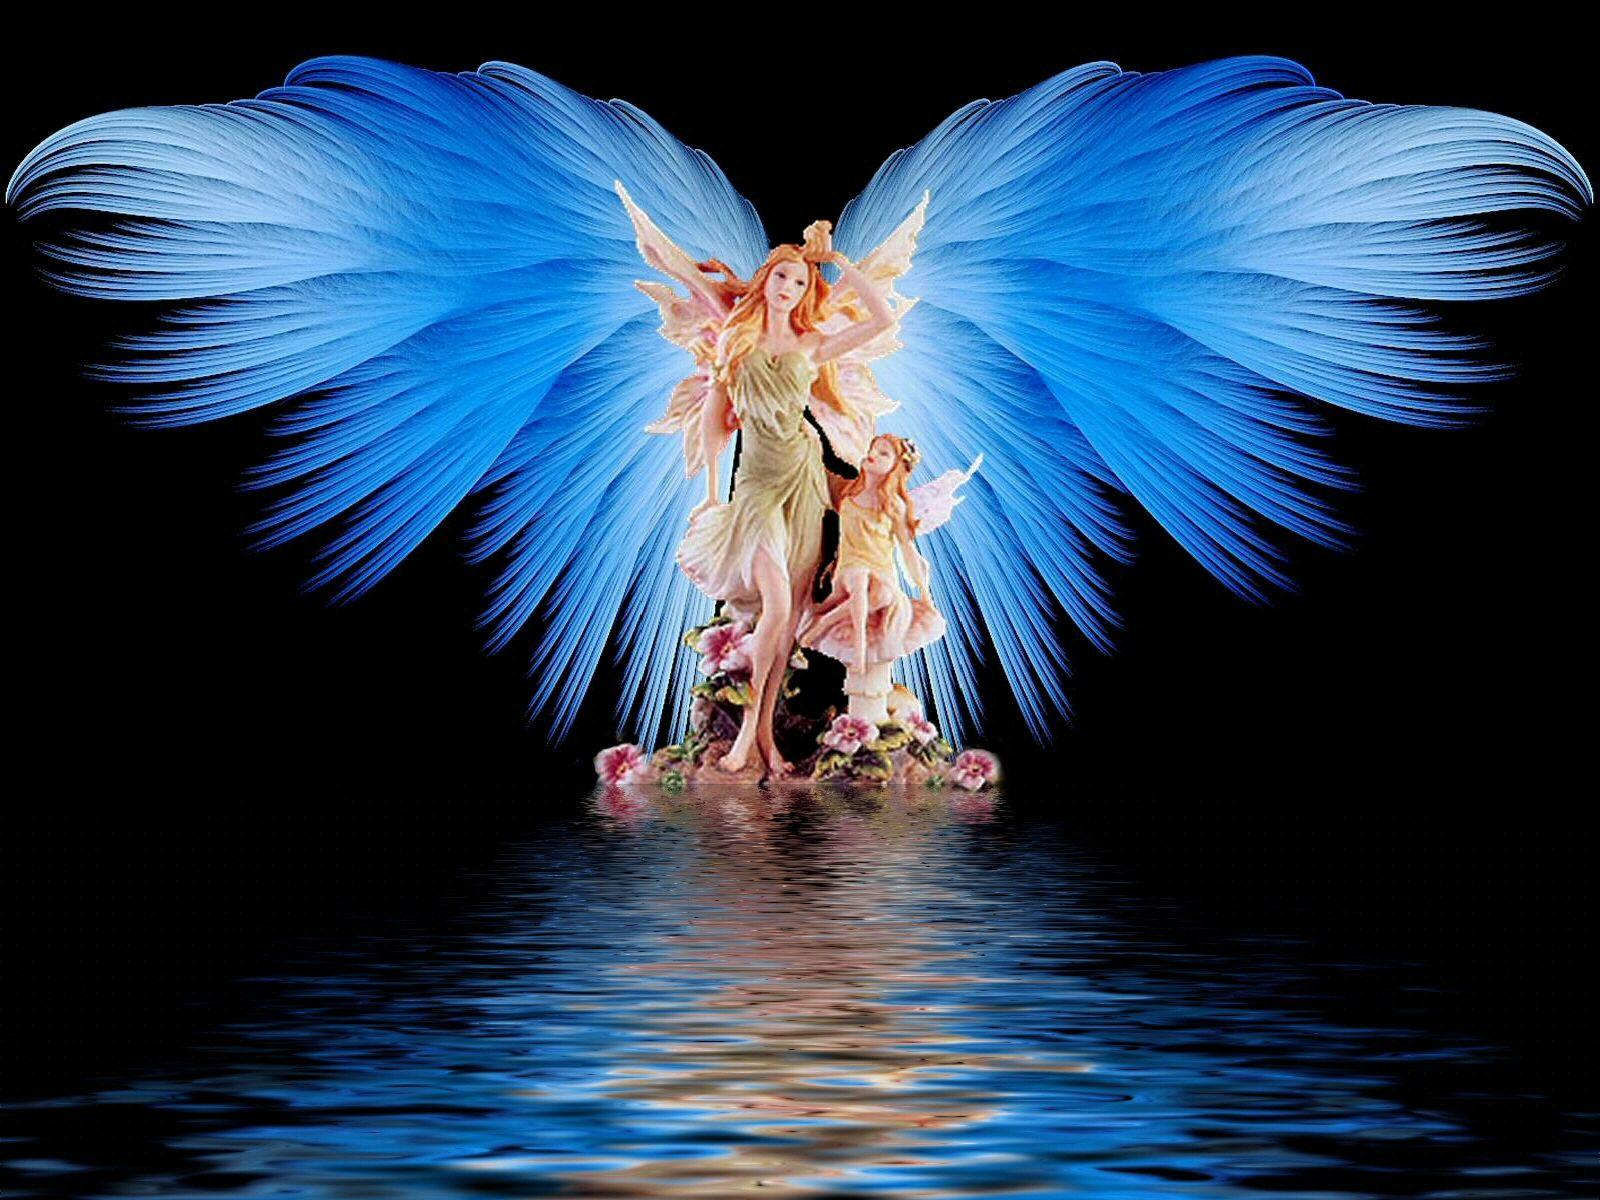 Miscellaneous Angel Wings desktop wallpaper nr 62475 by maf04 1600x1200